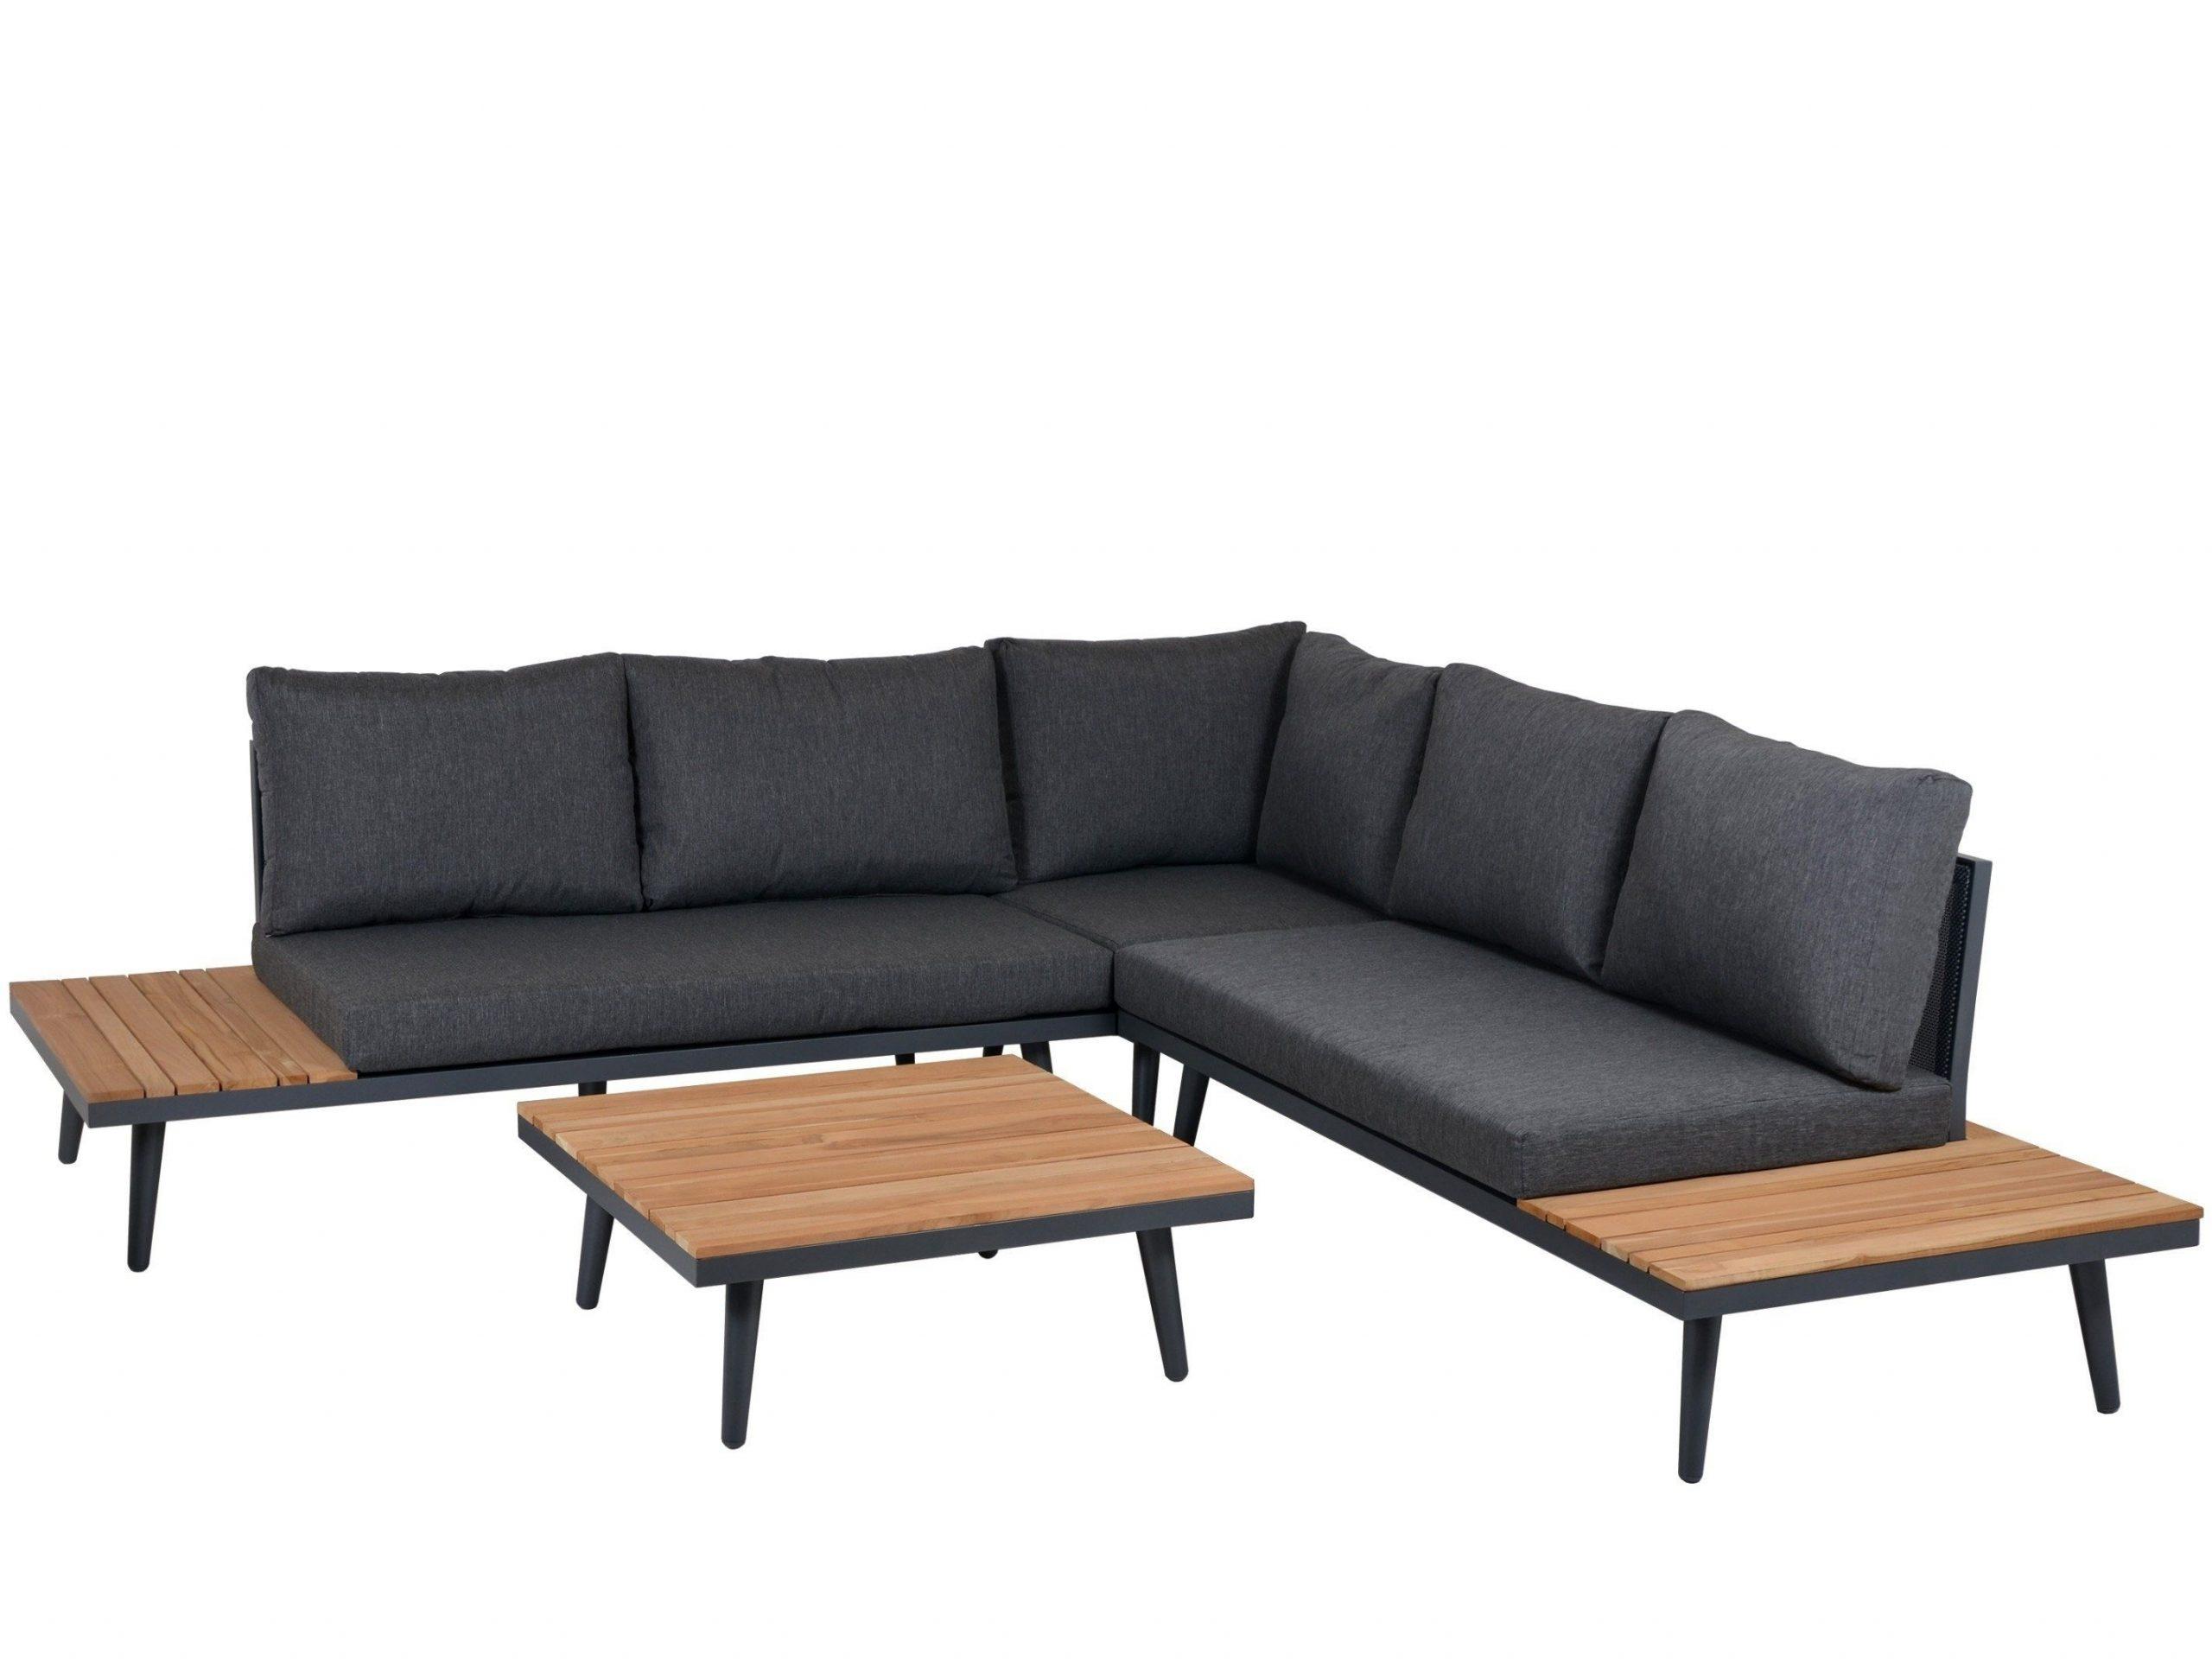 Full Size of Sofa Leder Arten Stoffarten Artena Lounge Bezug Asd Vis Sofascore Couch Welche Gibt Es Avellino Wiki Lederarten 22 Schne Von Sofas Big Xxl Garten Versicherung Sofa Sofa Arten